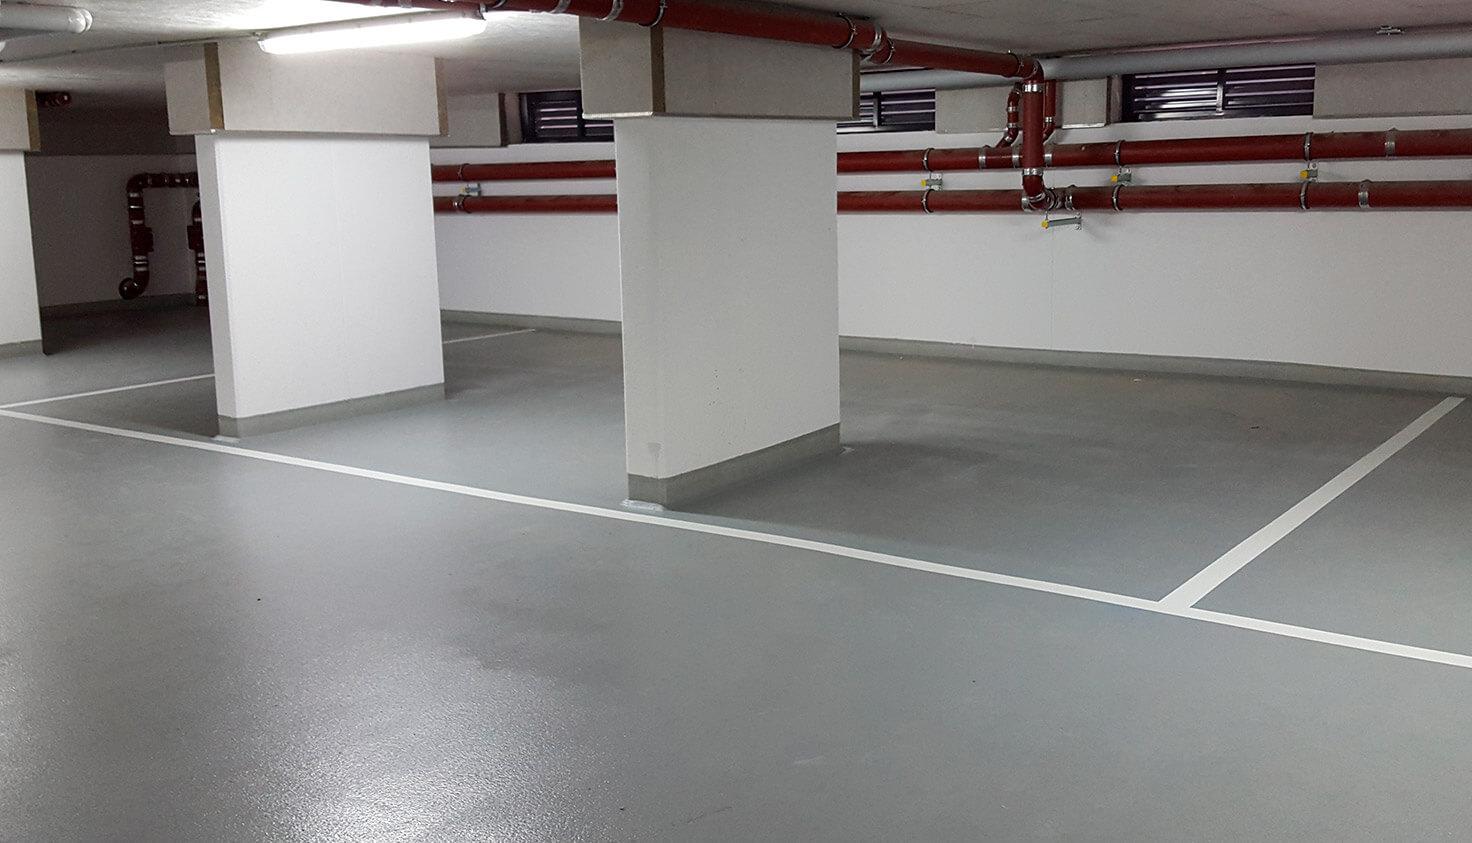 Bodenbeschichtung - Referenz Malerbetrieb Kluge Berlin